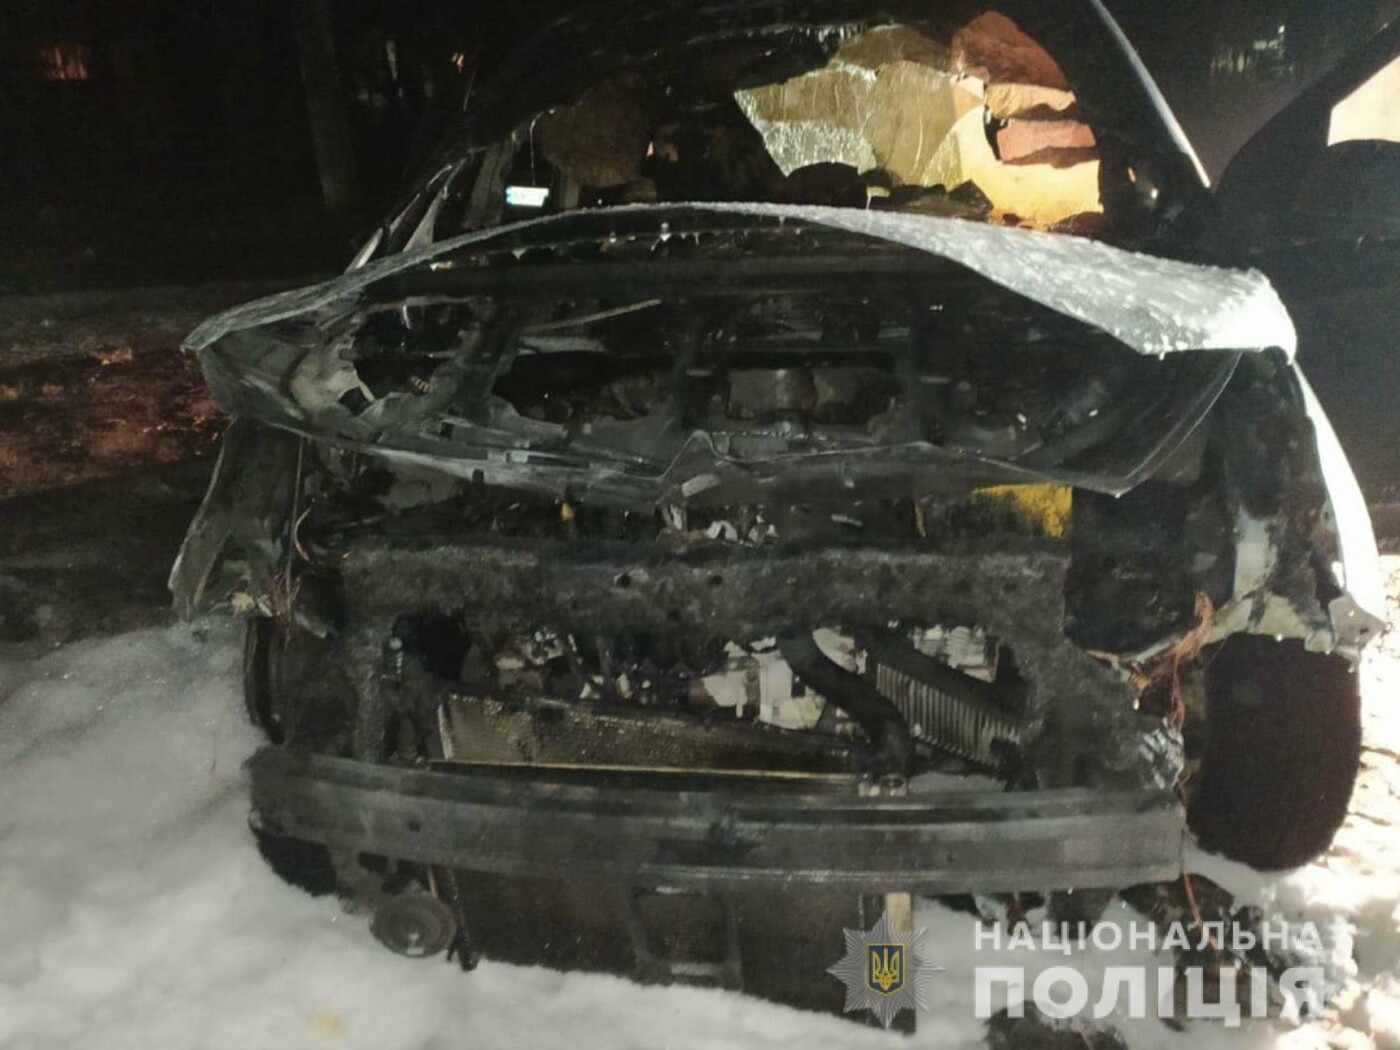 Подожгли ночью: В Лозовой сгорел автомобиль, фото-3